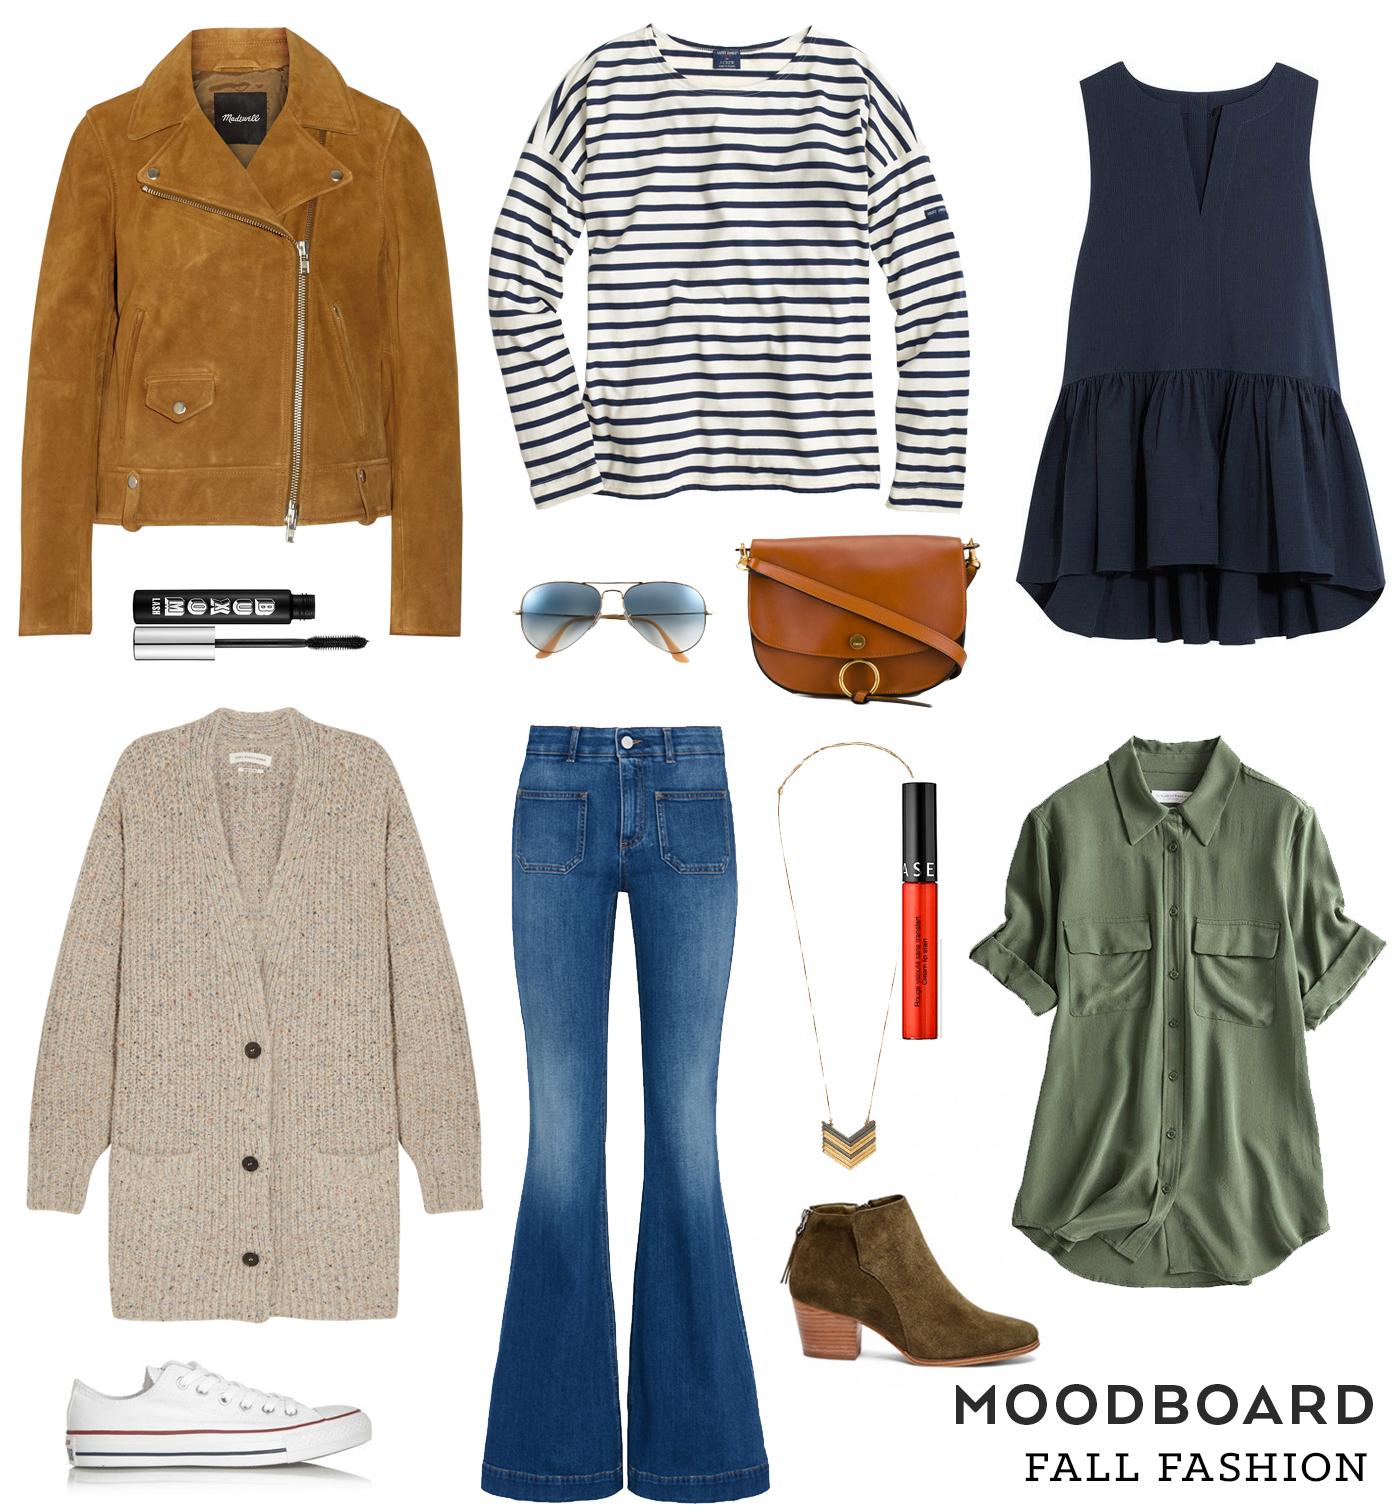 Fall Fashion Moodboard | Sew DIY